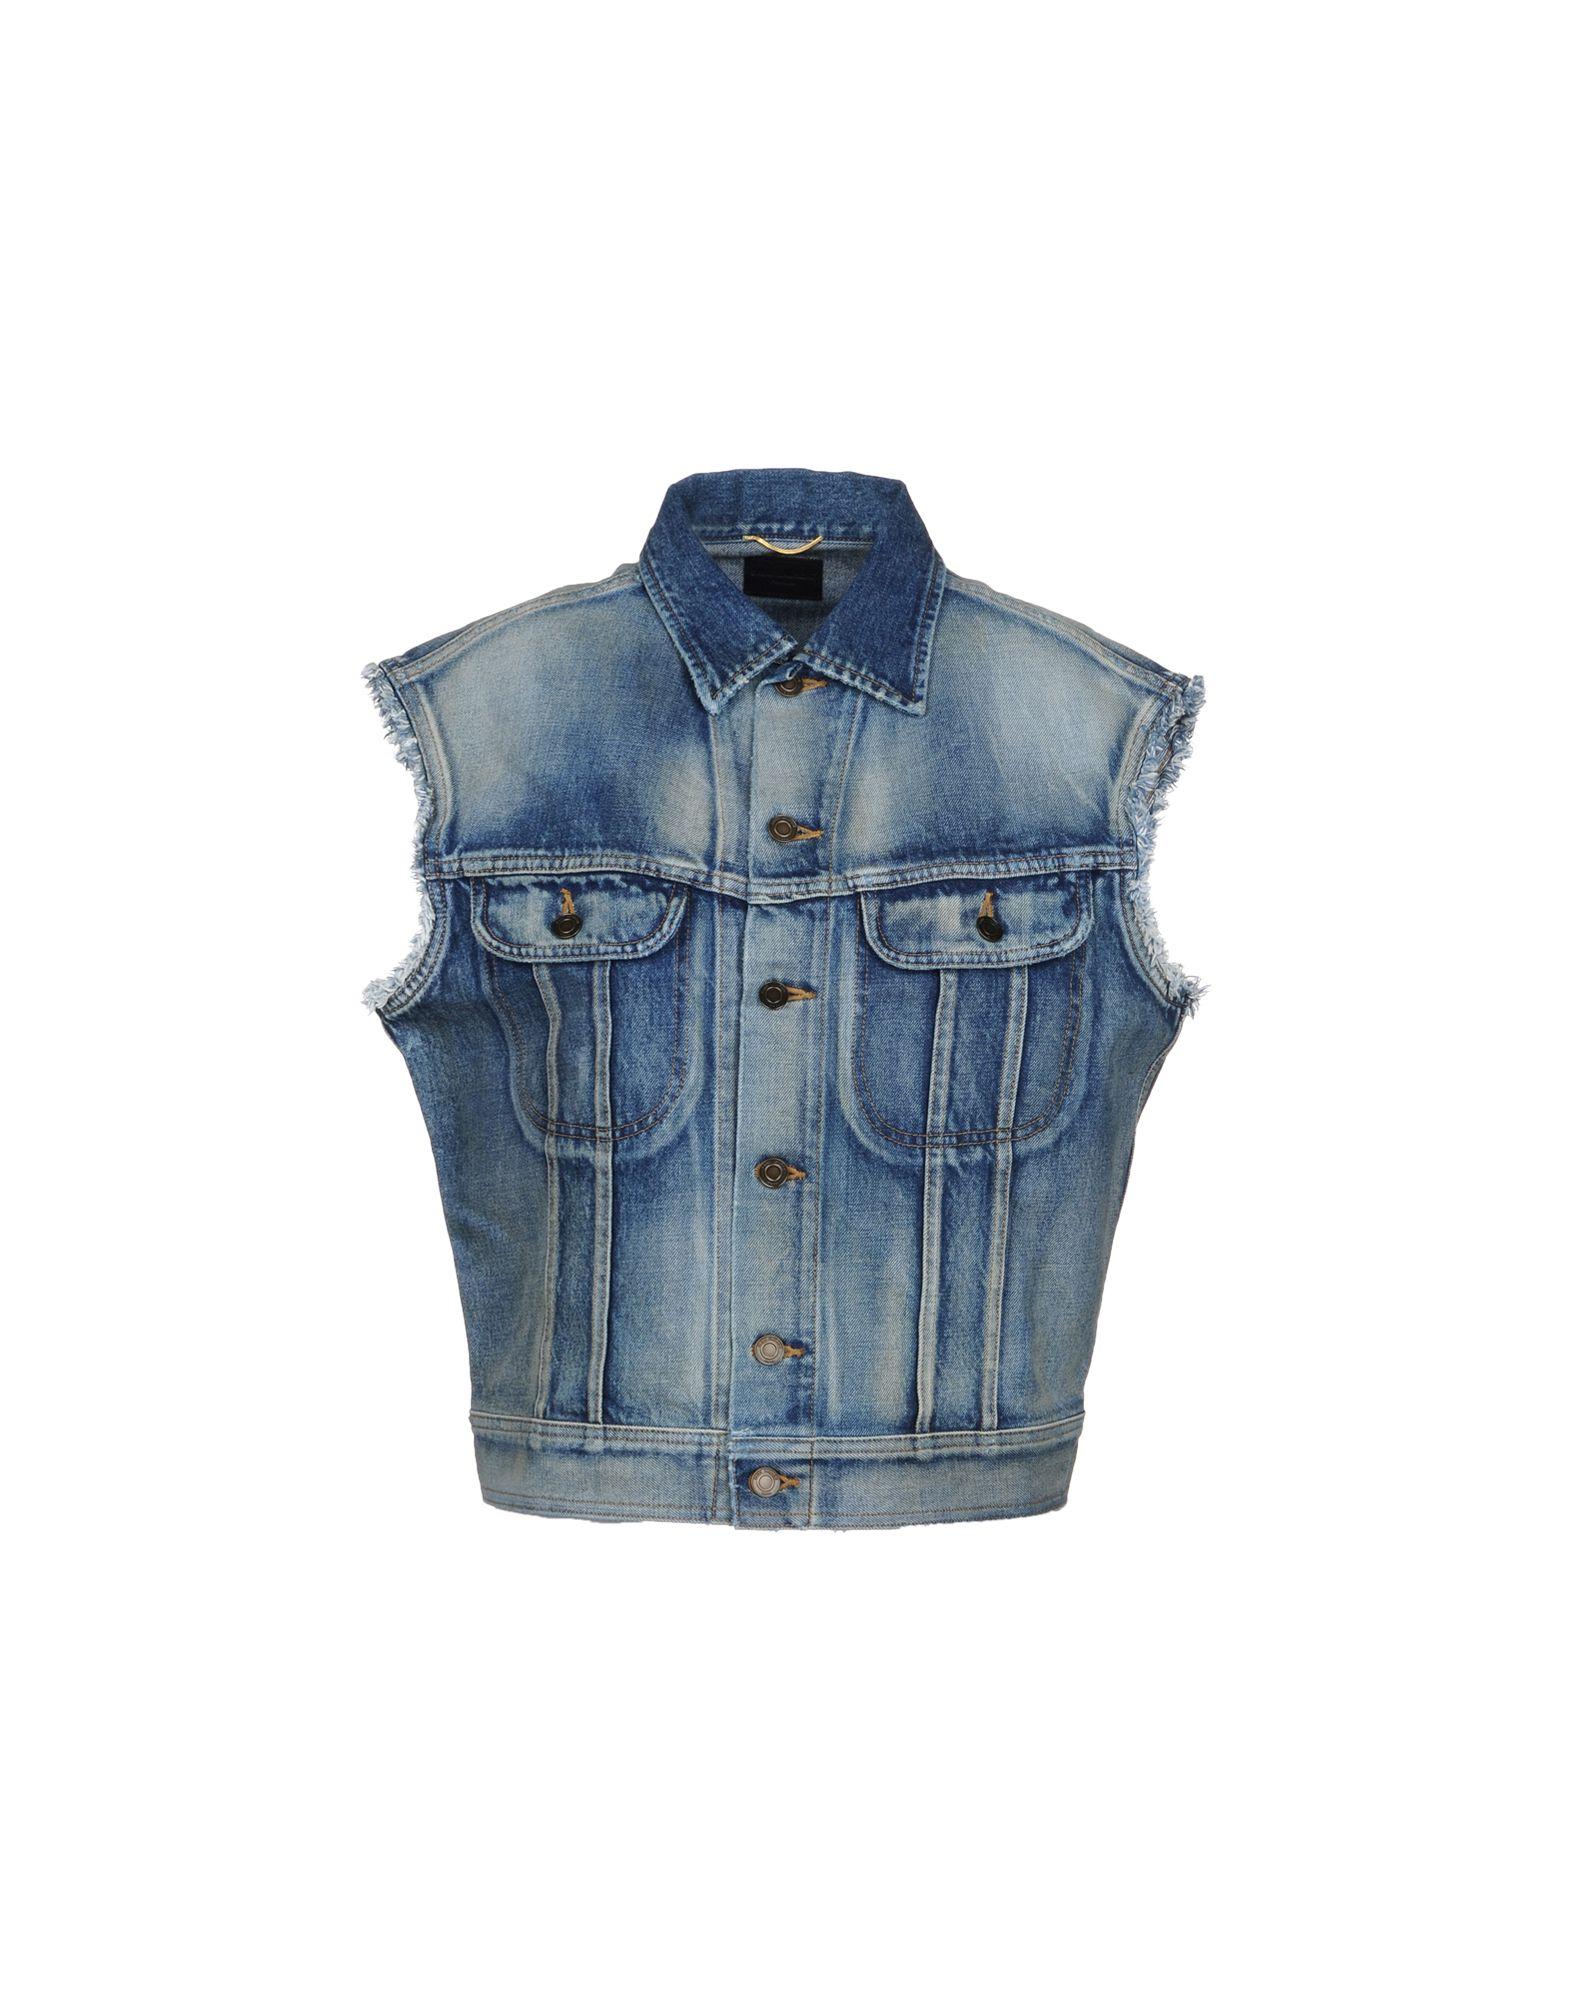 SAINT LAURENT Джинсовая верхняя одежда saint laurent джинсовая верхняя одежда